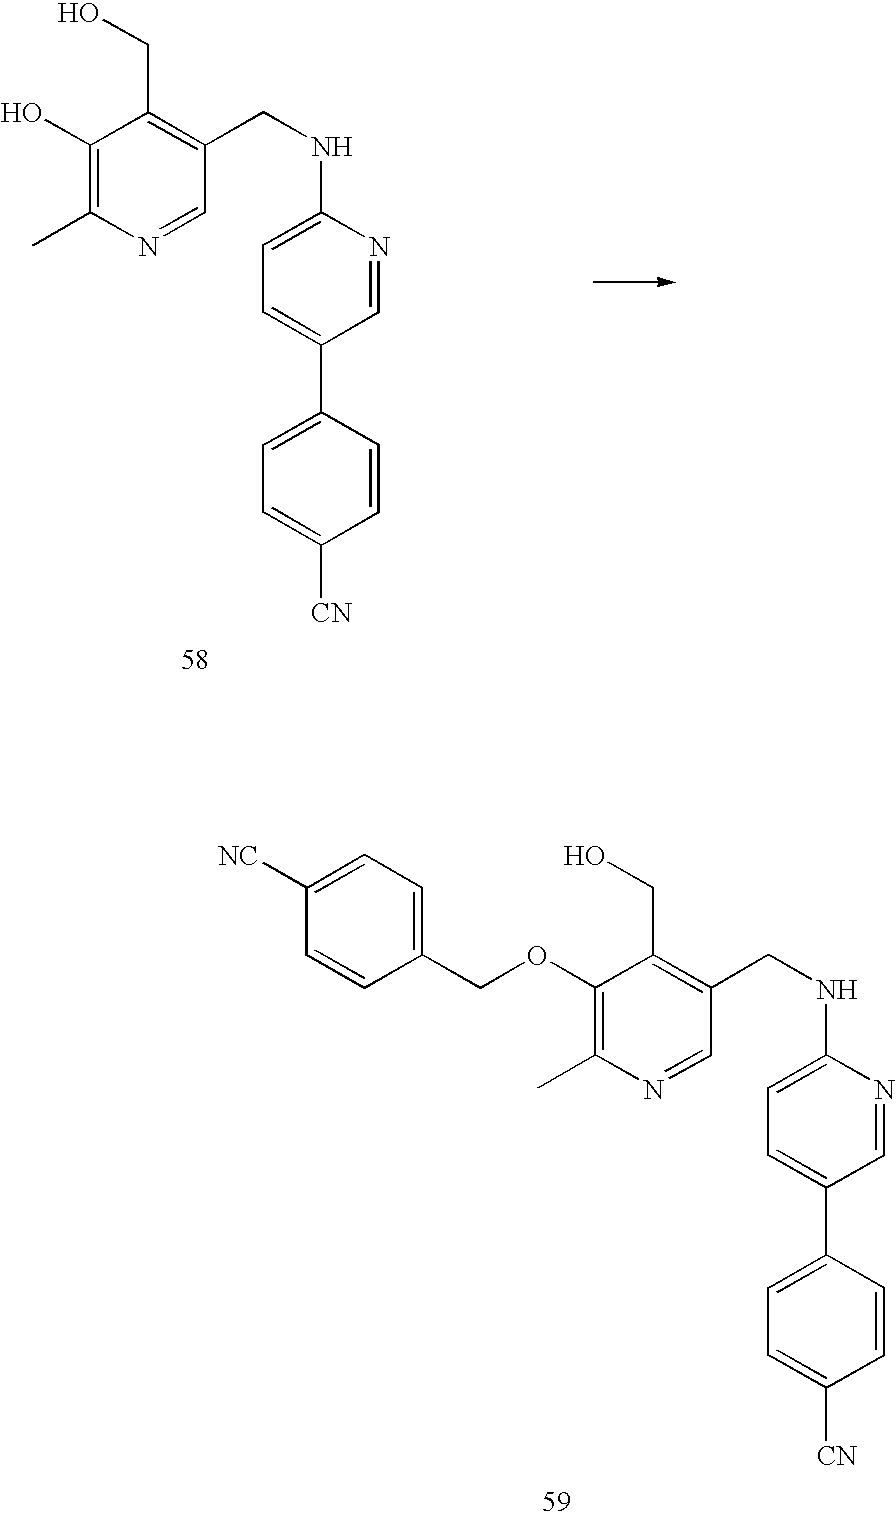 Figure US20060094761A1-20060504-C00087